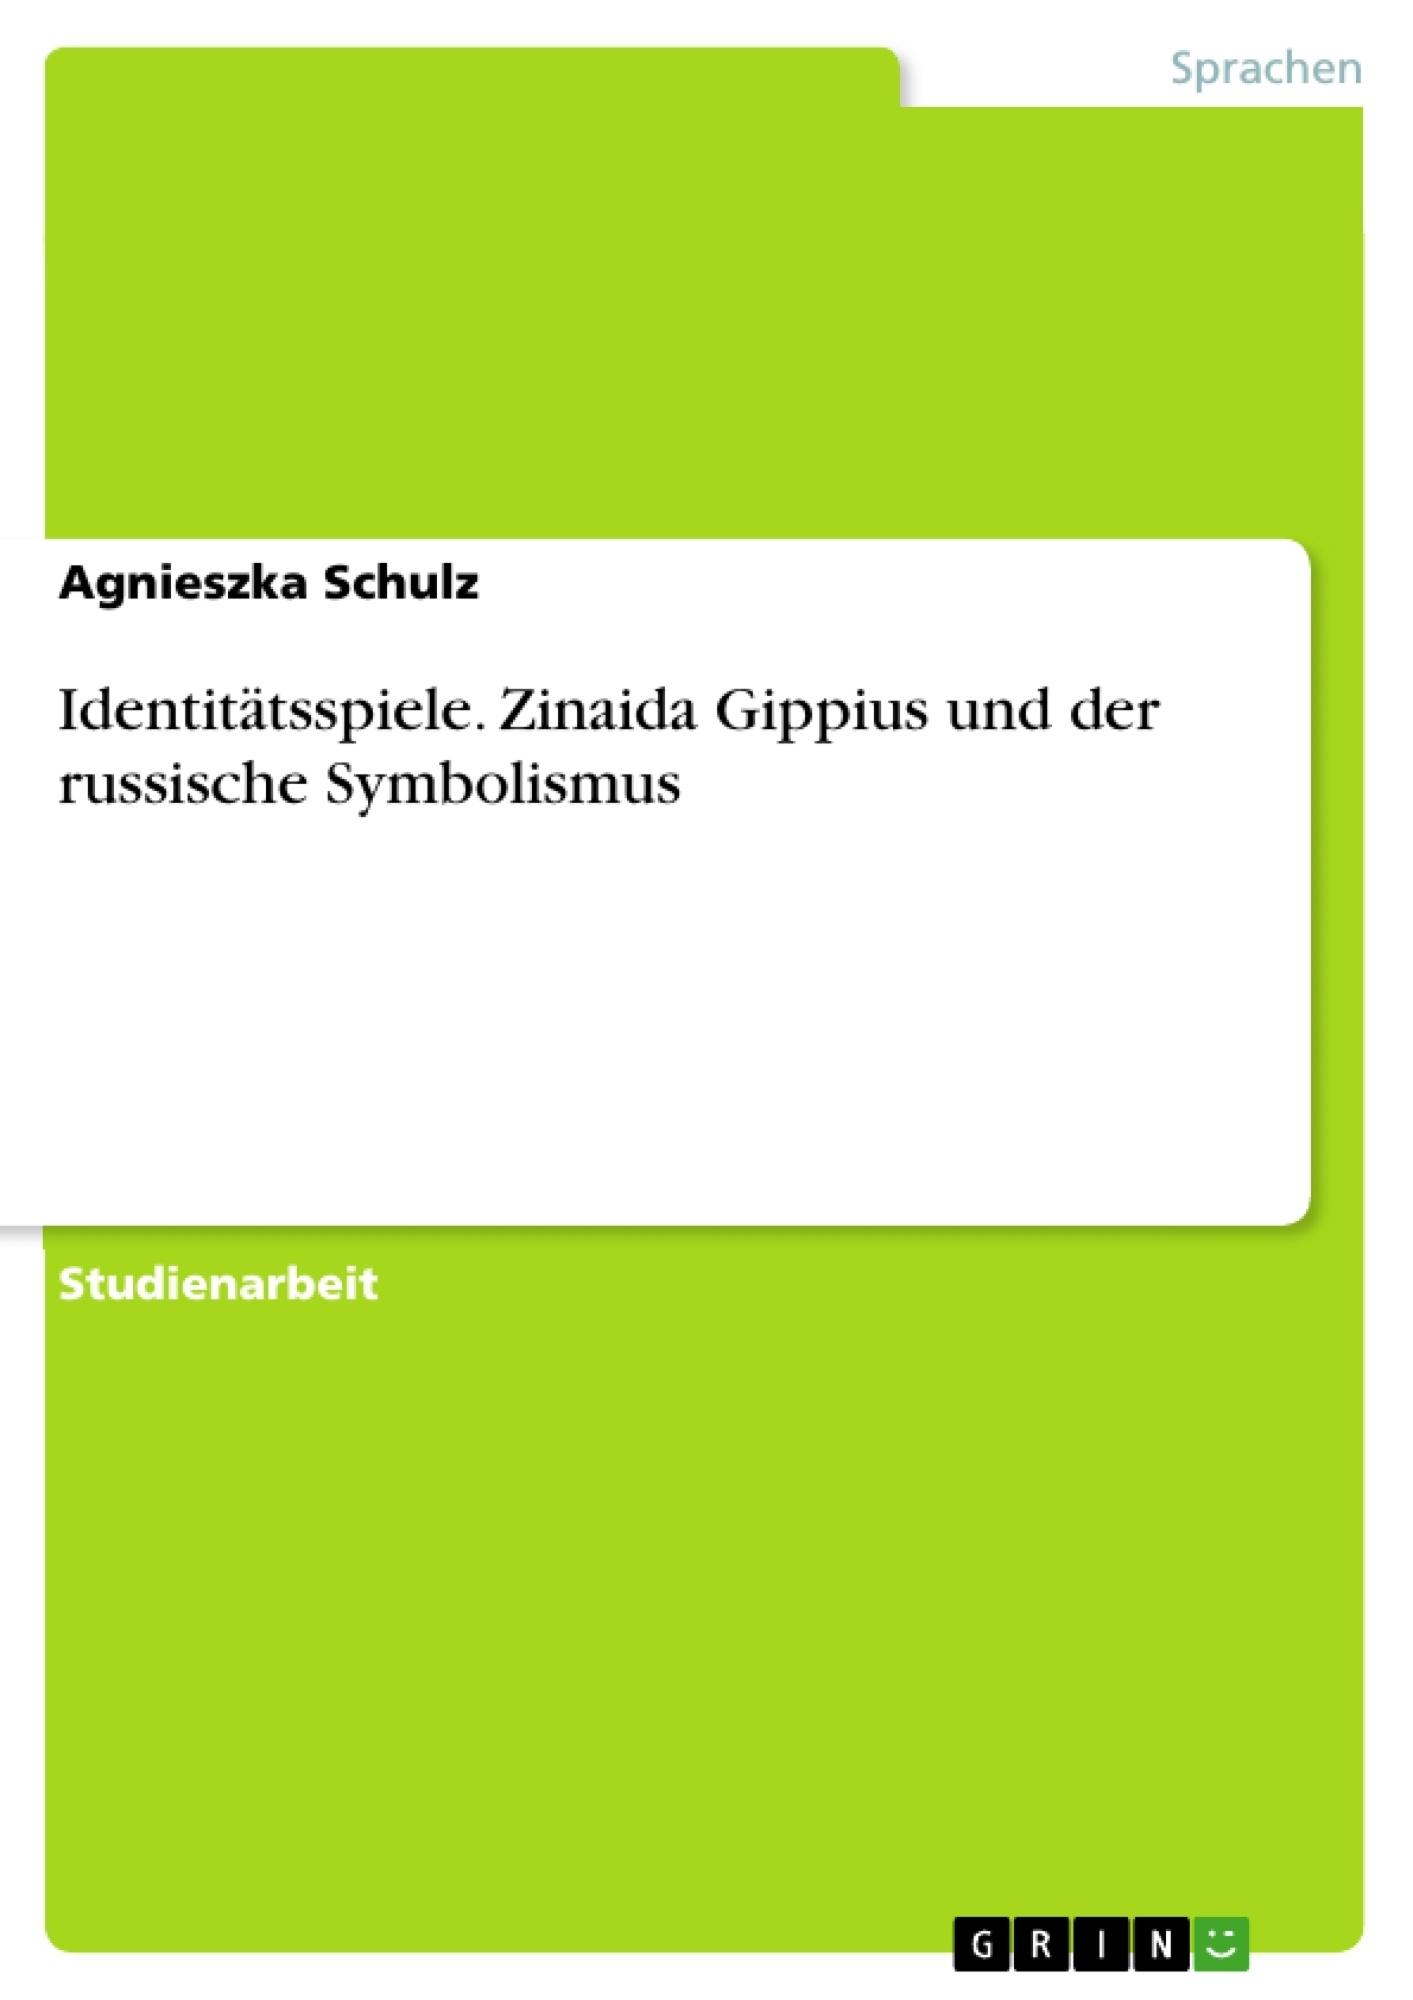 Titel: Identitätsspiele. Zinaida Gippius und der russische Symbolismus